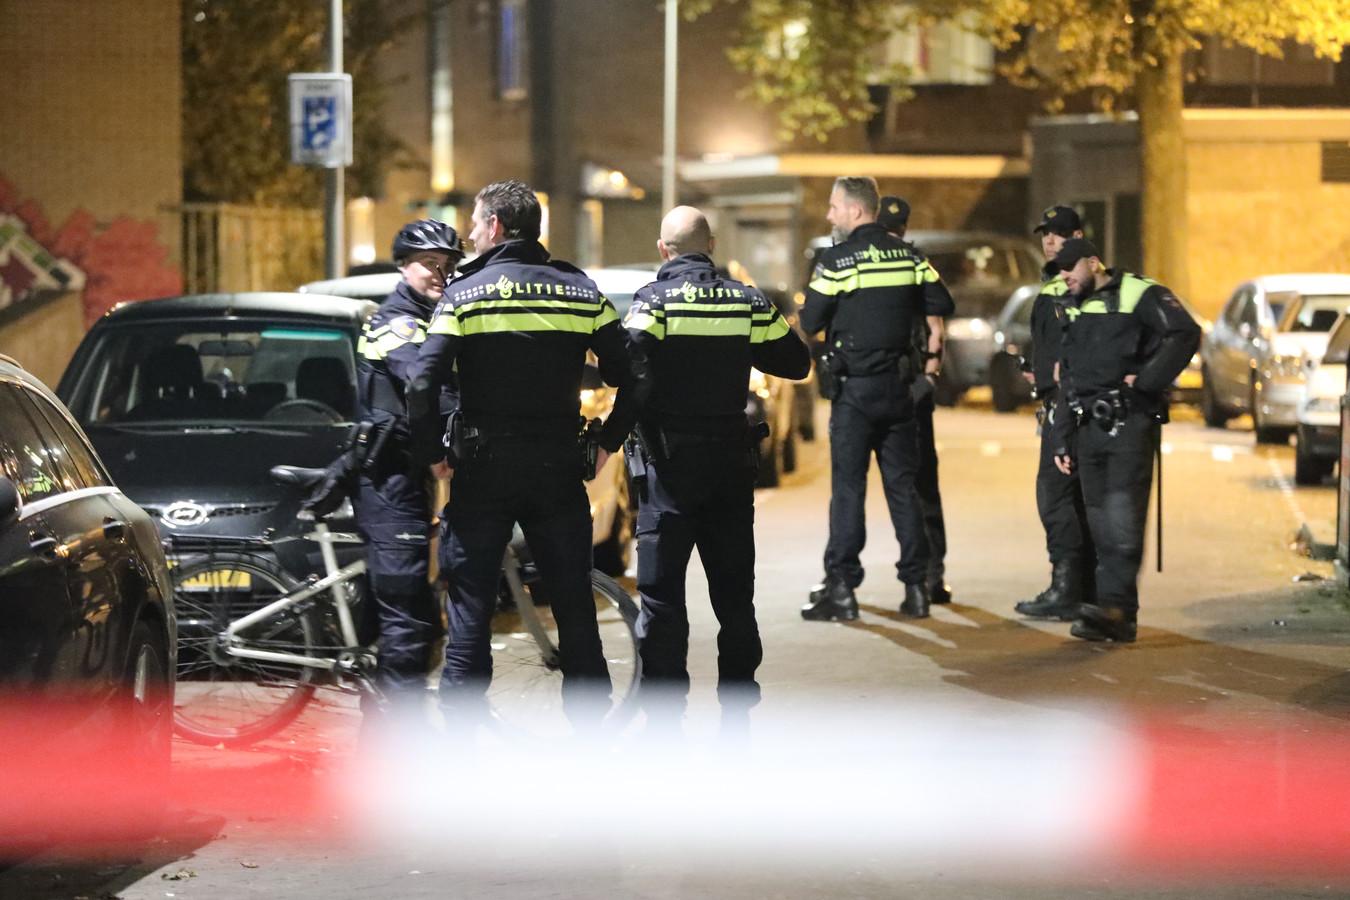 Vier mensen zijn gisteren aangehouden voor verstoring van een bijeenkomst van de actiegroep Kick Out Zwarte Piet (KOZP) in een pand in de Beatrijsstraat in Den Haag